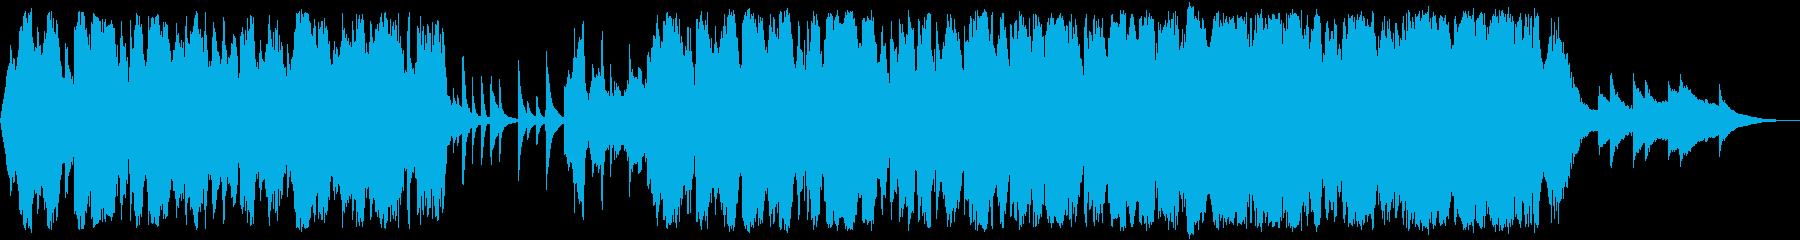 秋冬の感傷に浸るセンチメンタルなチェロの再生済みの波形